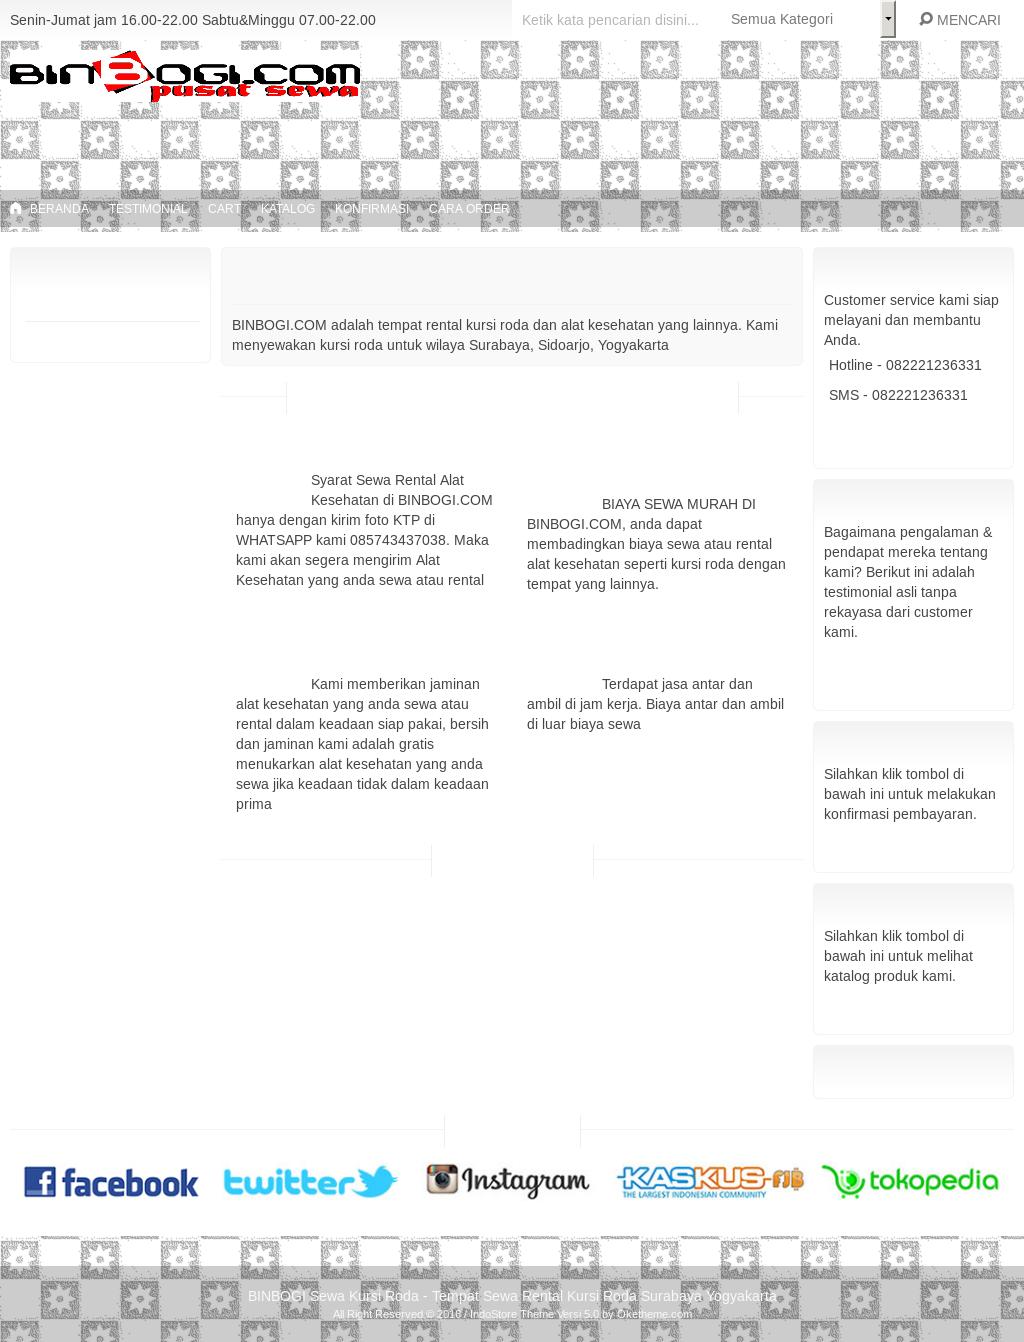 Kumpulan Koleksi Kursi Roda Tokopedia Terbaru